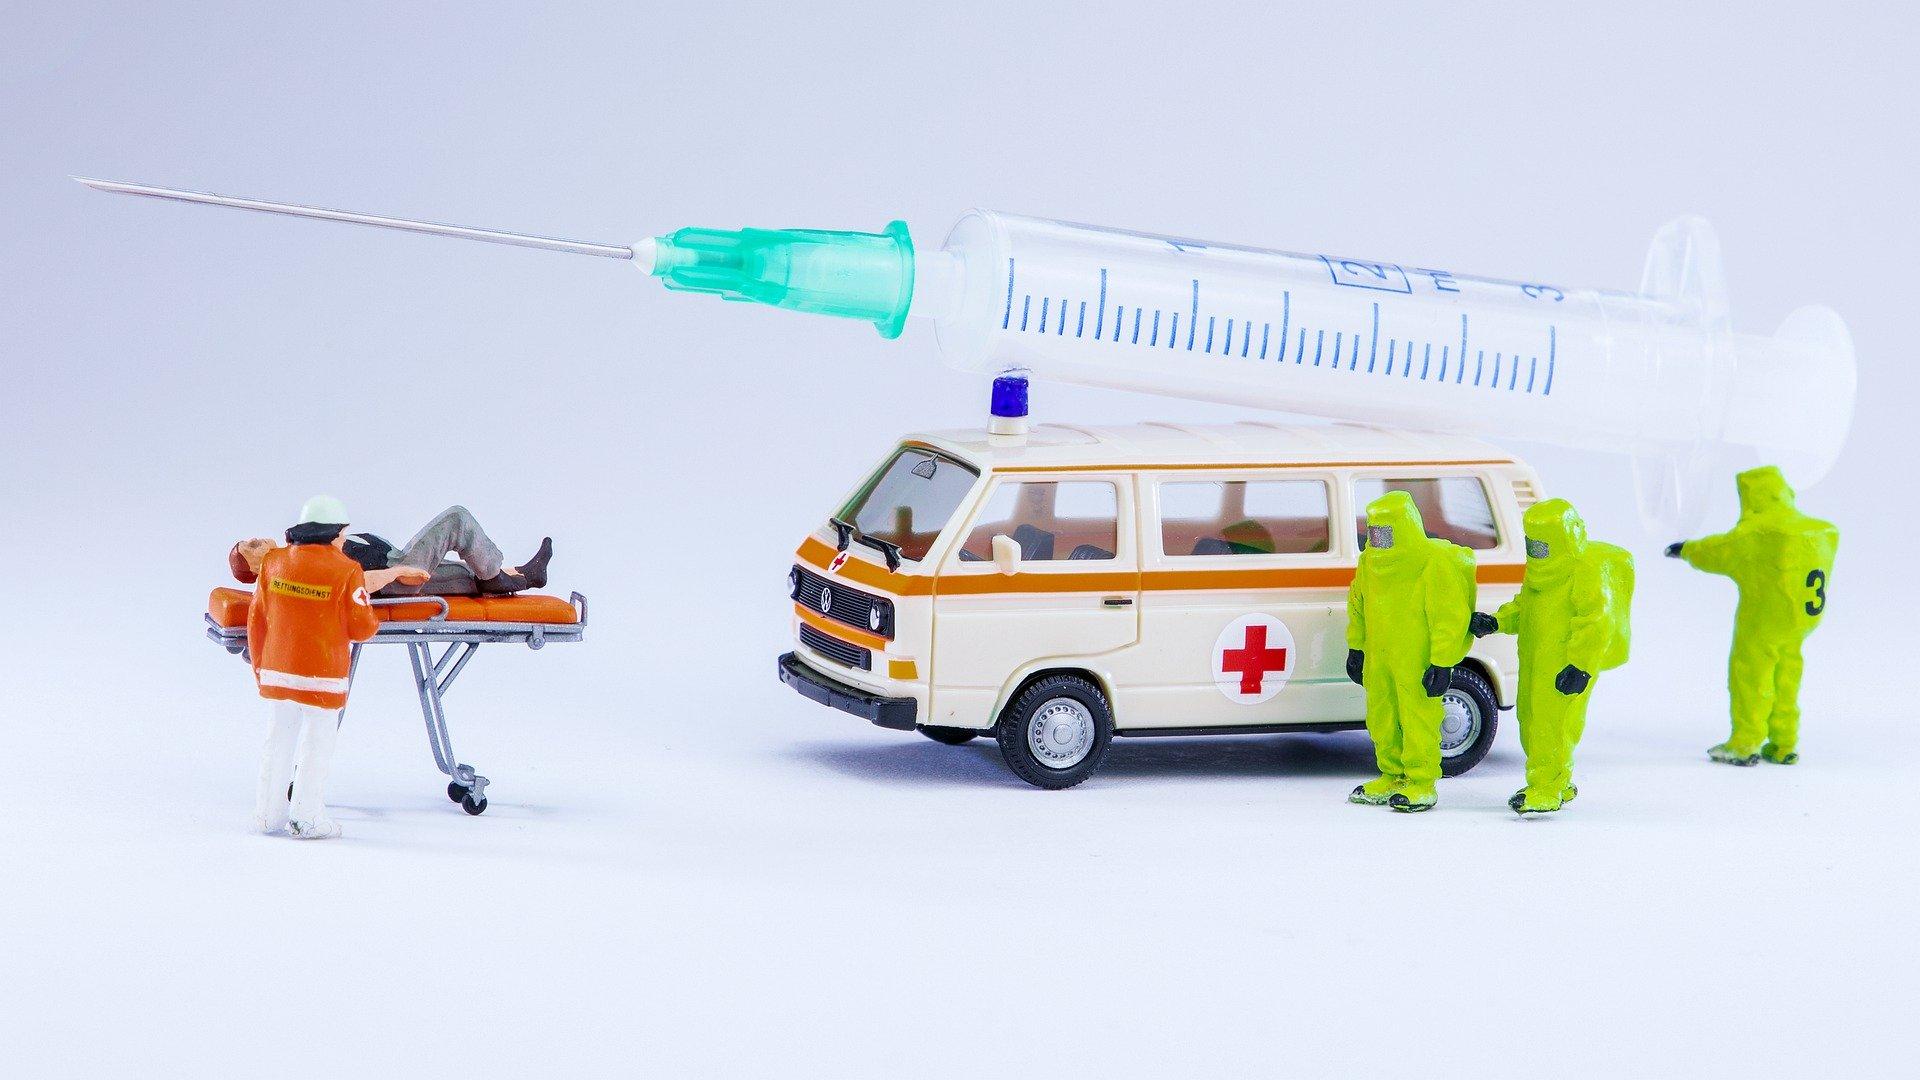 Vor – Ort Impfaktion des Impfzentrums Erding